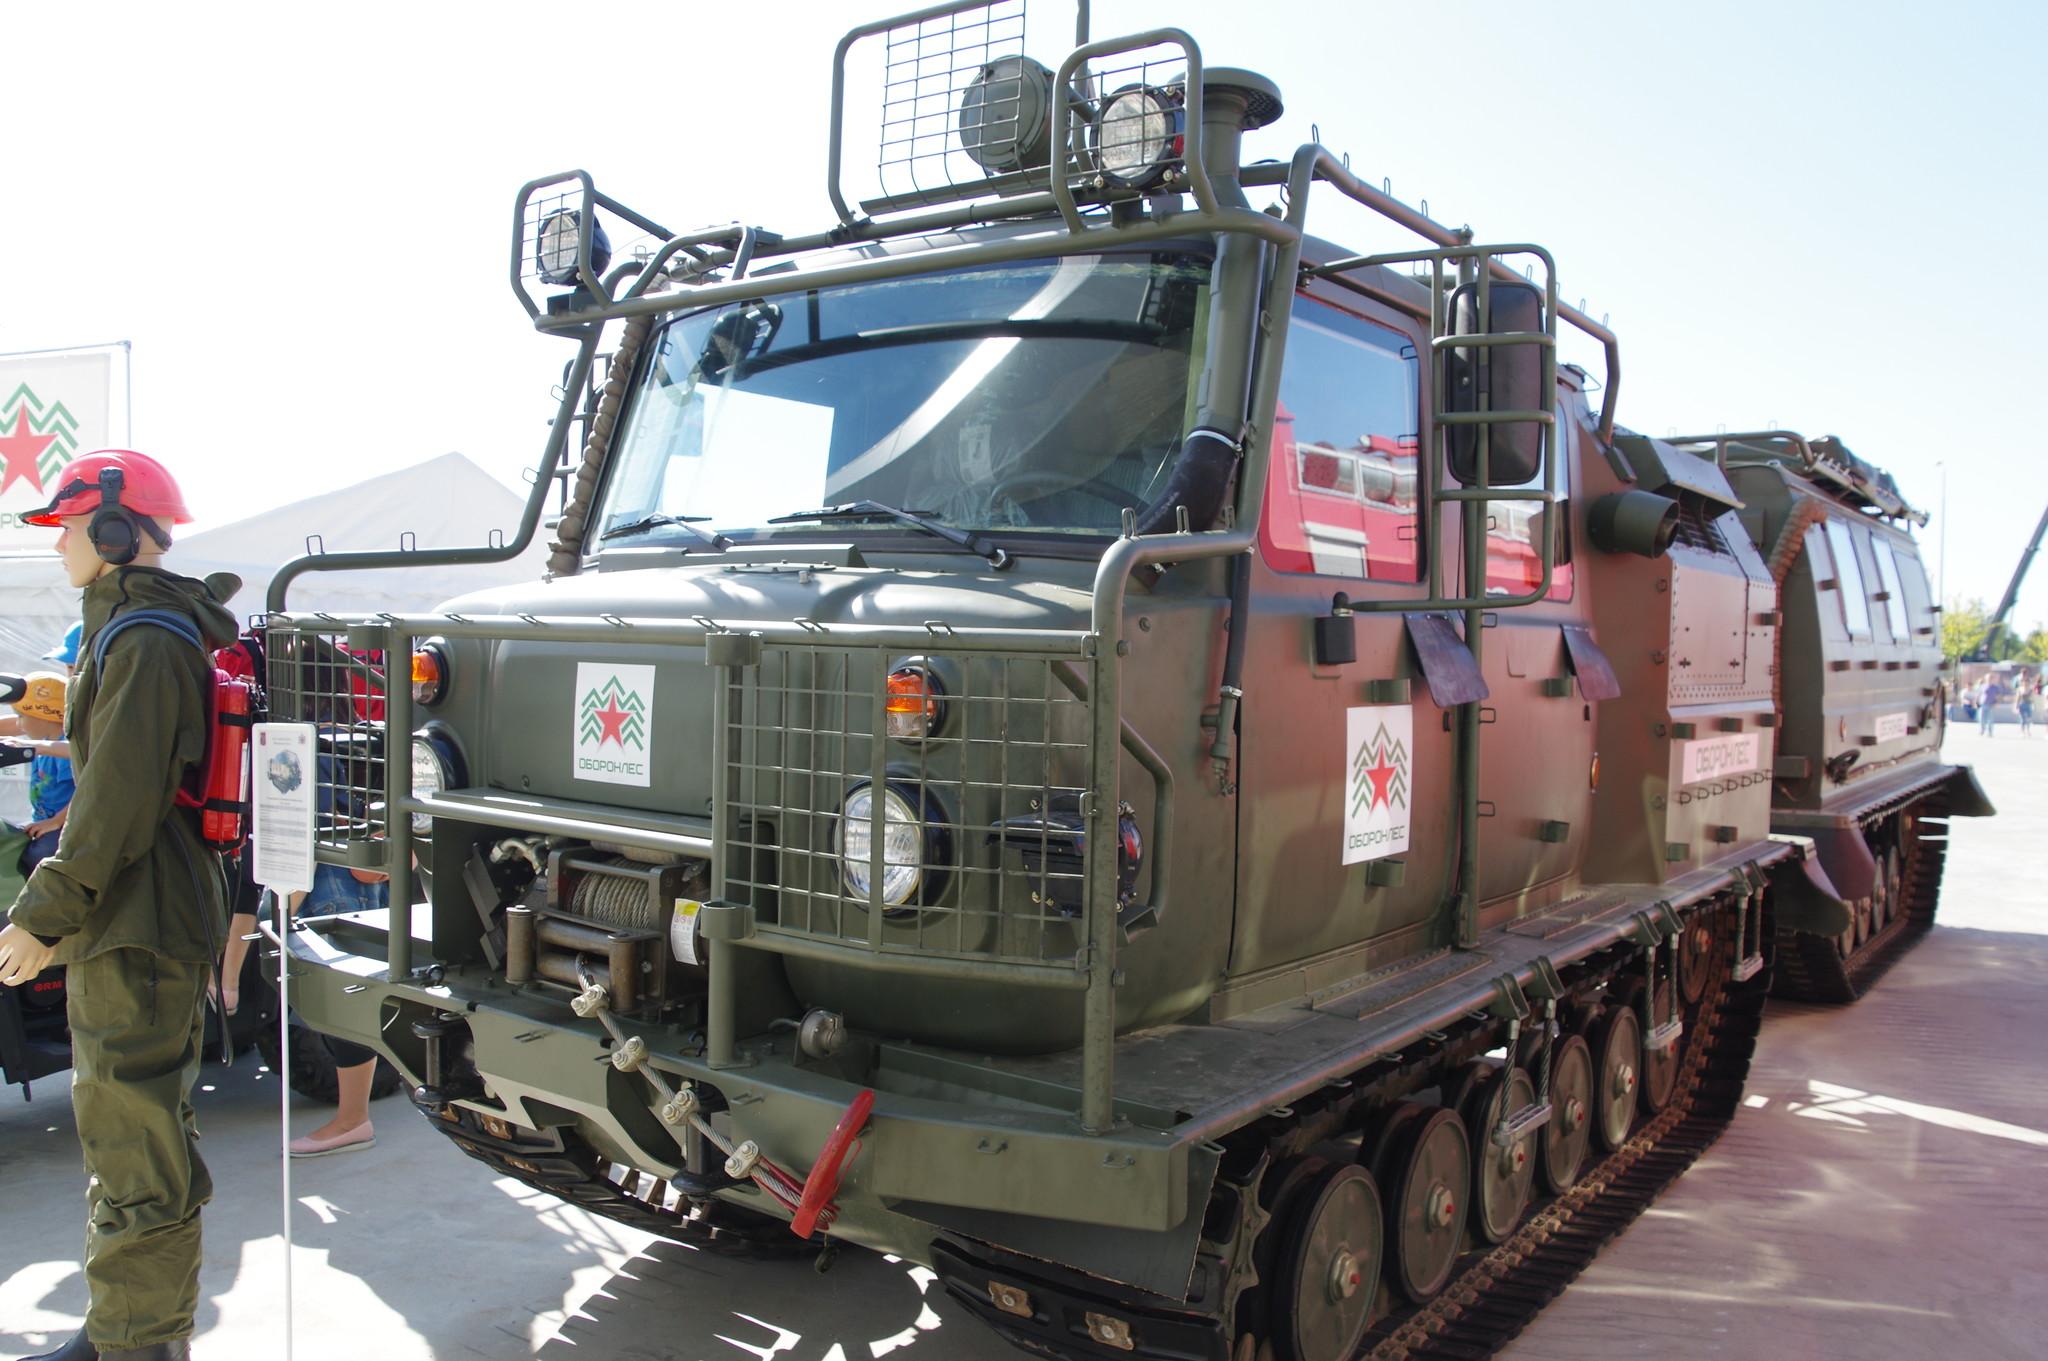 Двухзвенный гусеничный снегоболотоход ГАЗ-3344-20